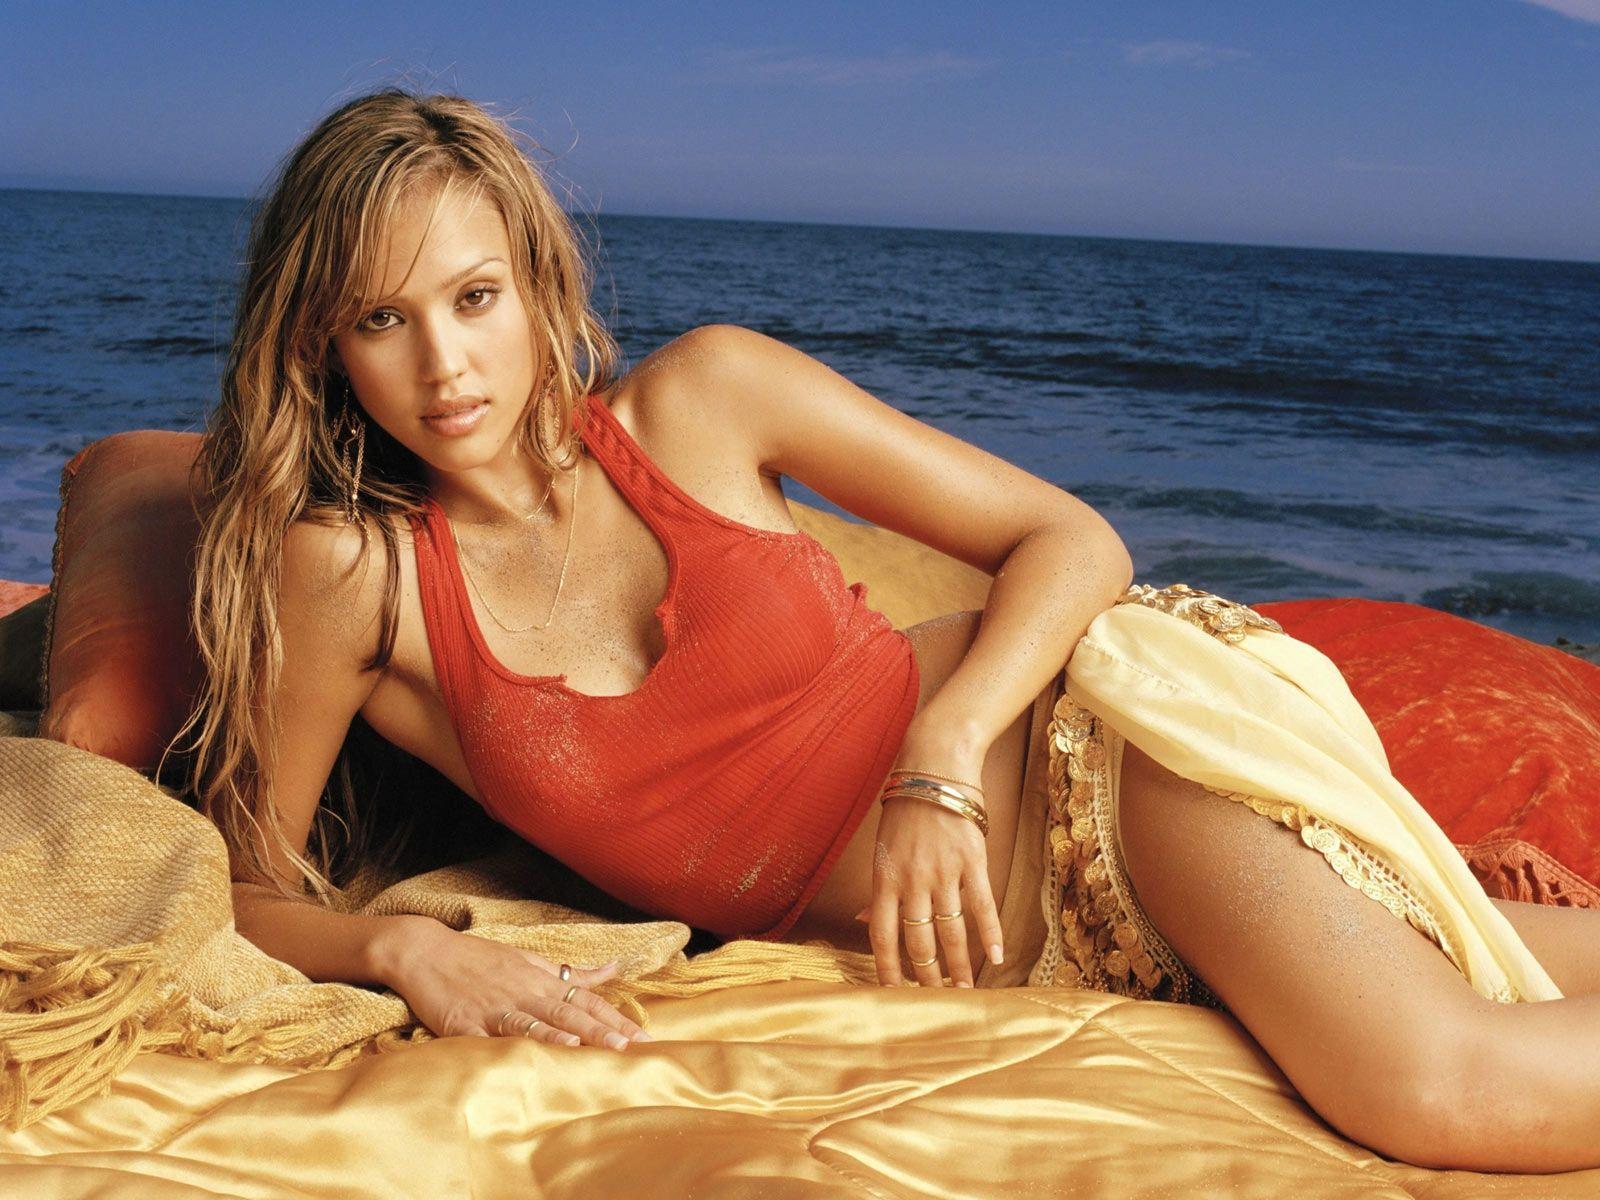 http://1.bp.blogspot.com/-Xl5Q9pID5CM/TaHqy30UqmI/AAAAAAAAAmA/95BqxSKBCNI/s1600/Jessica-Alba-67.jpg